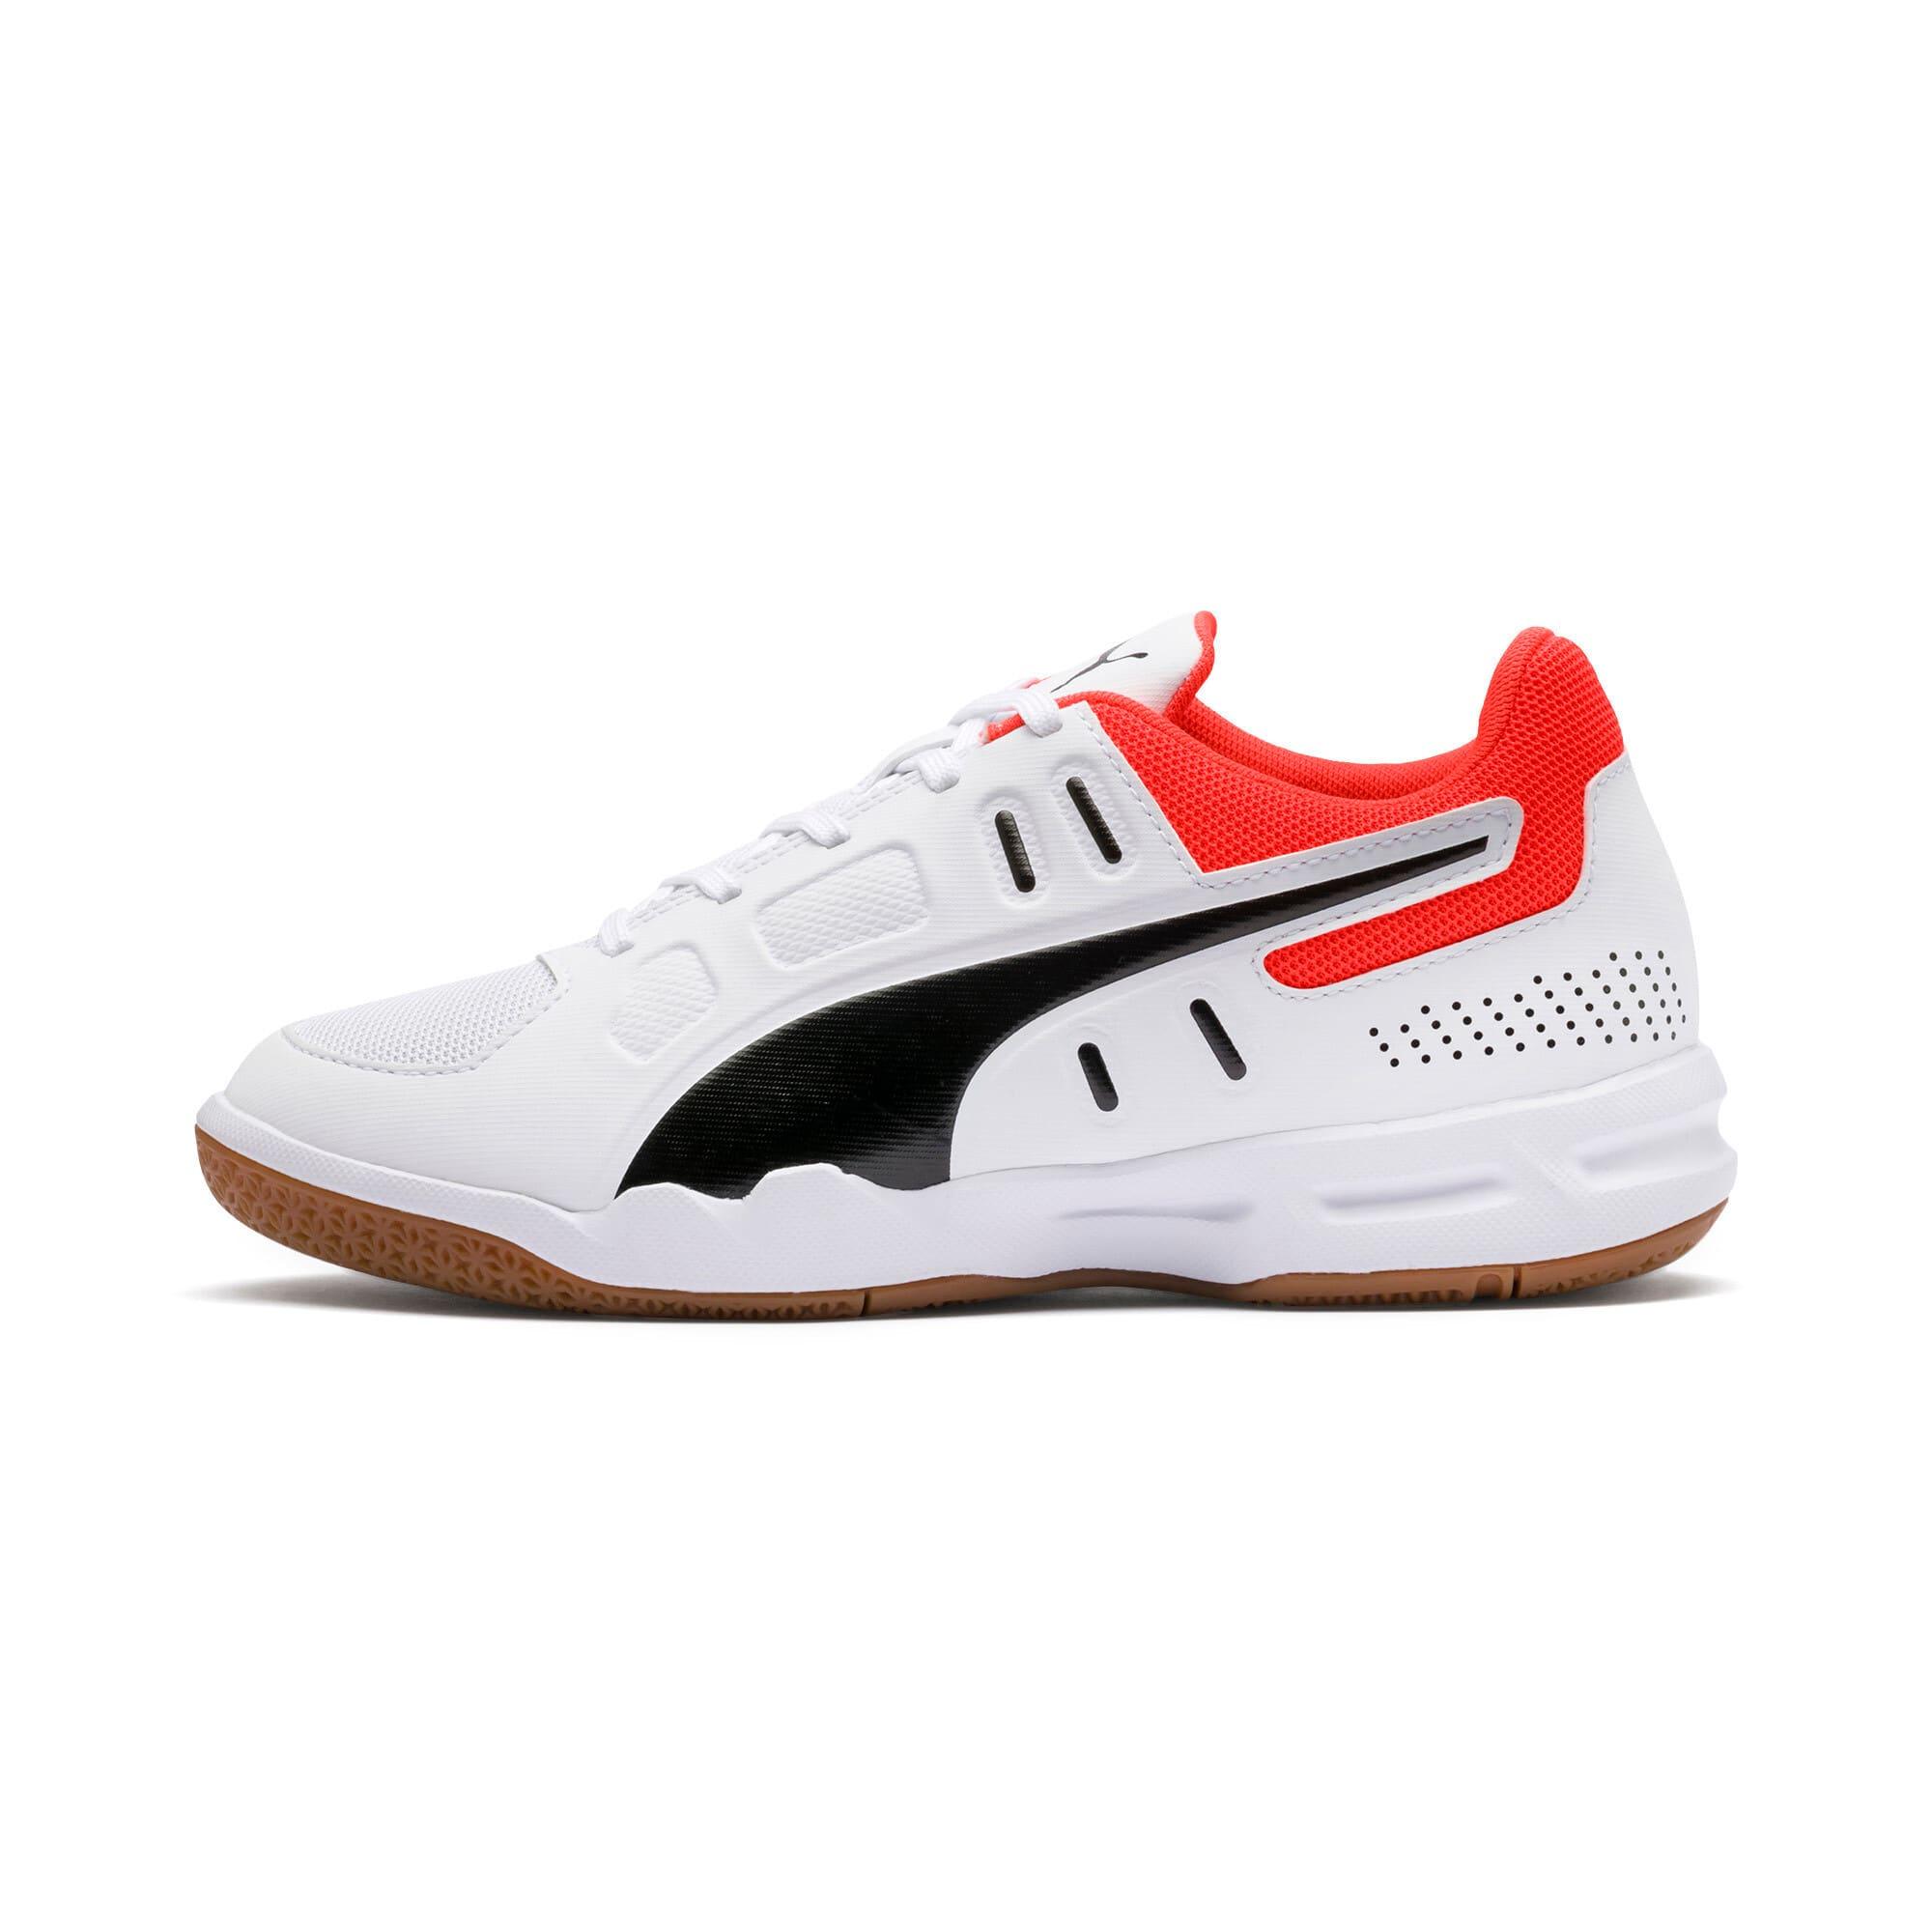 Thumbnail 1 of Auriz Youth Sneaker, White-Black-Nrgy Red-Gum, medium